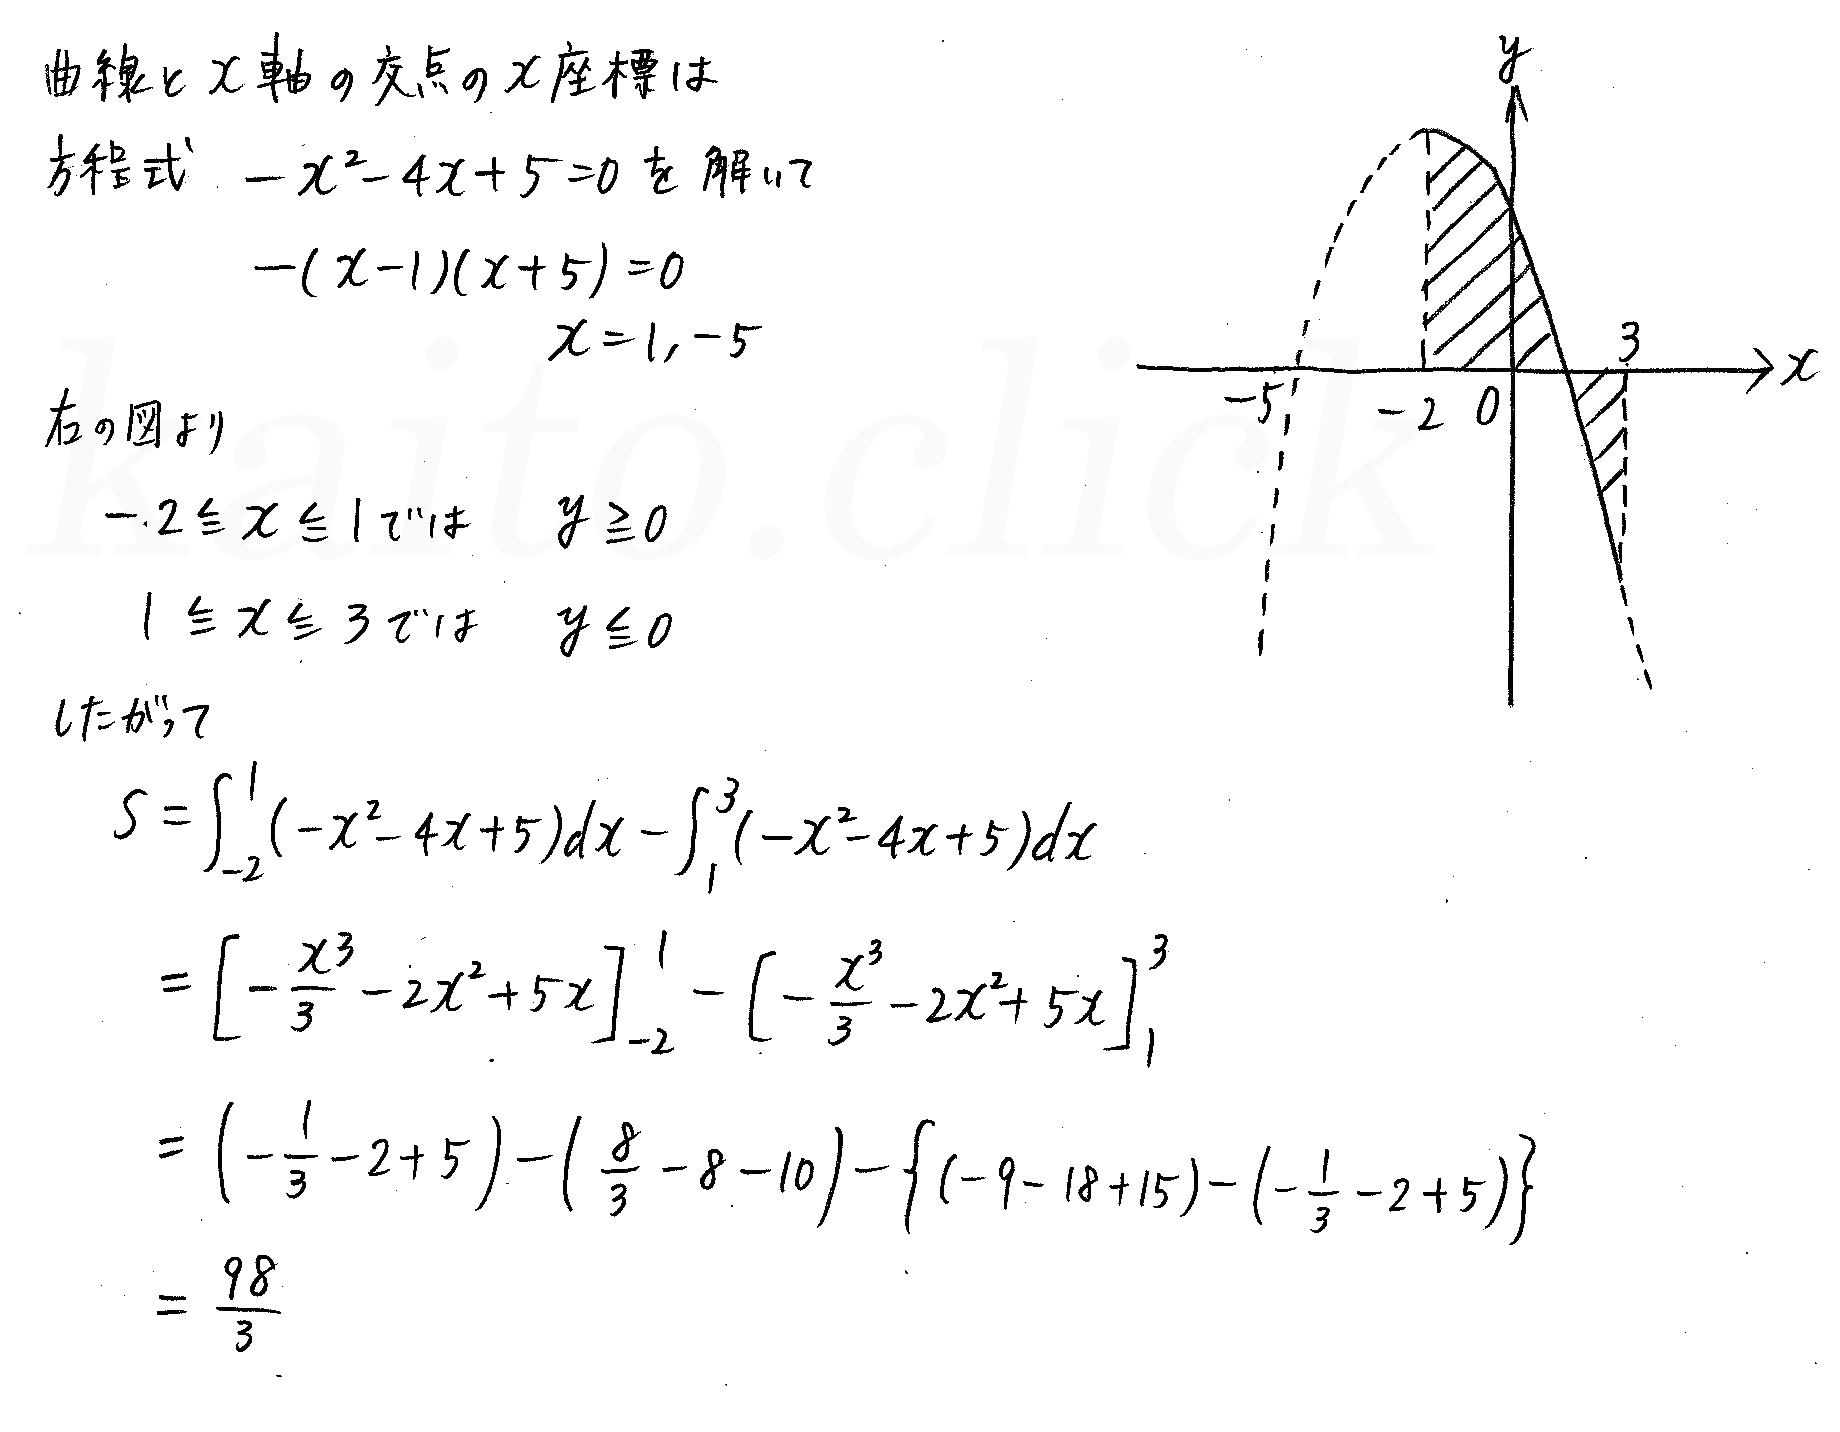 クリアー数学2-476解答